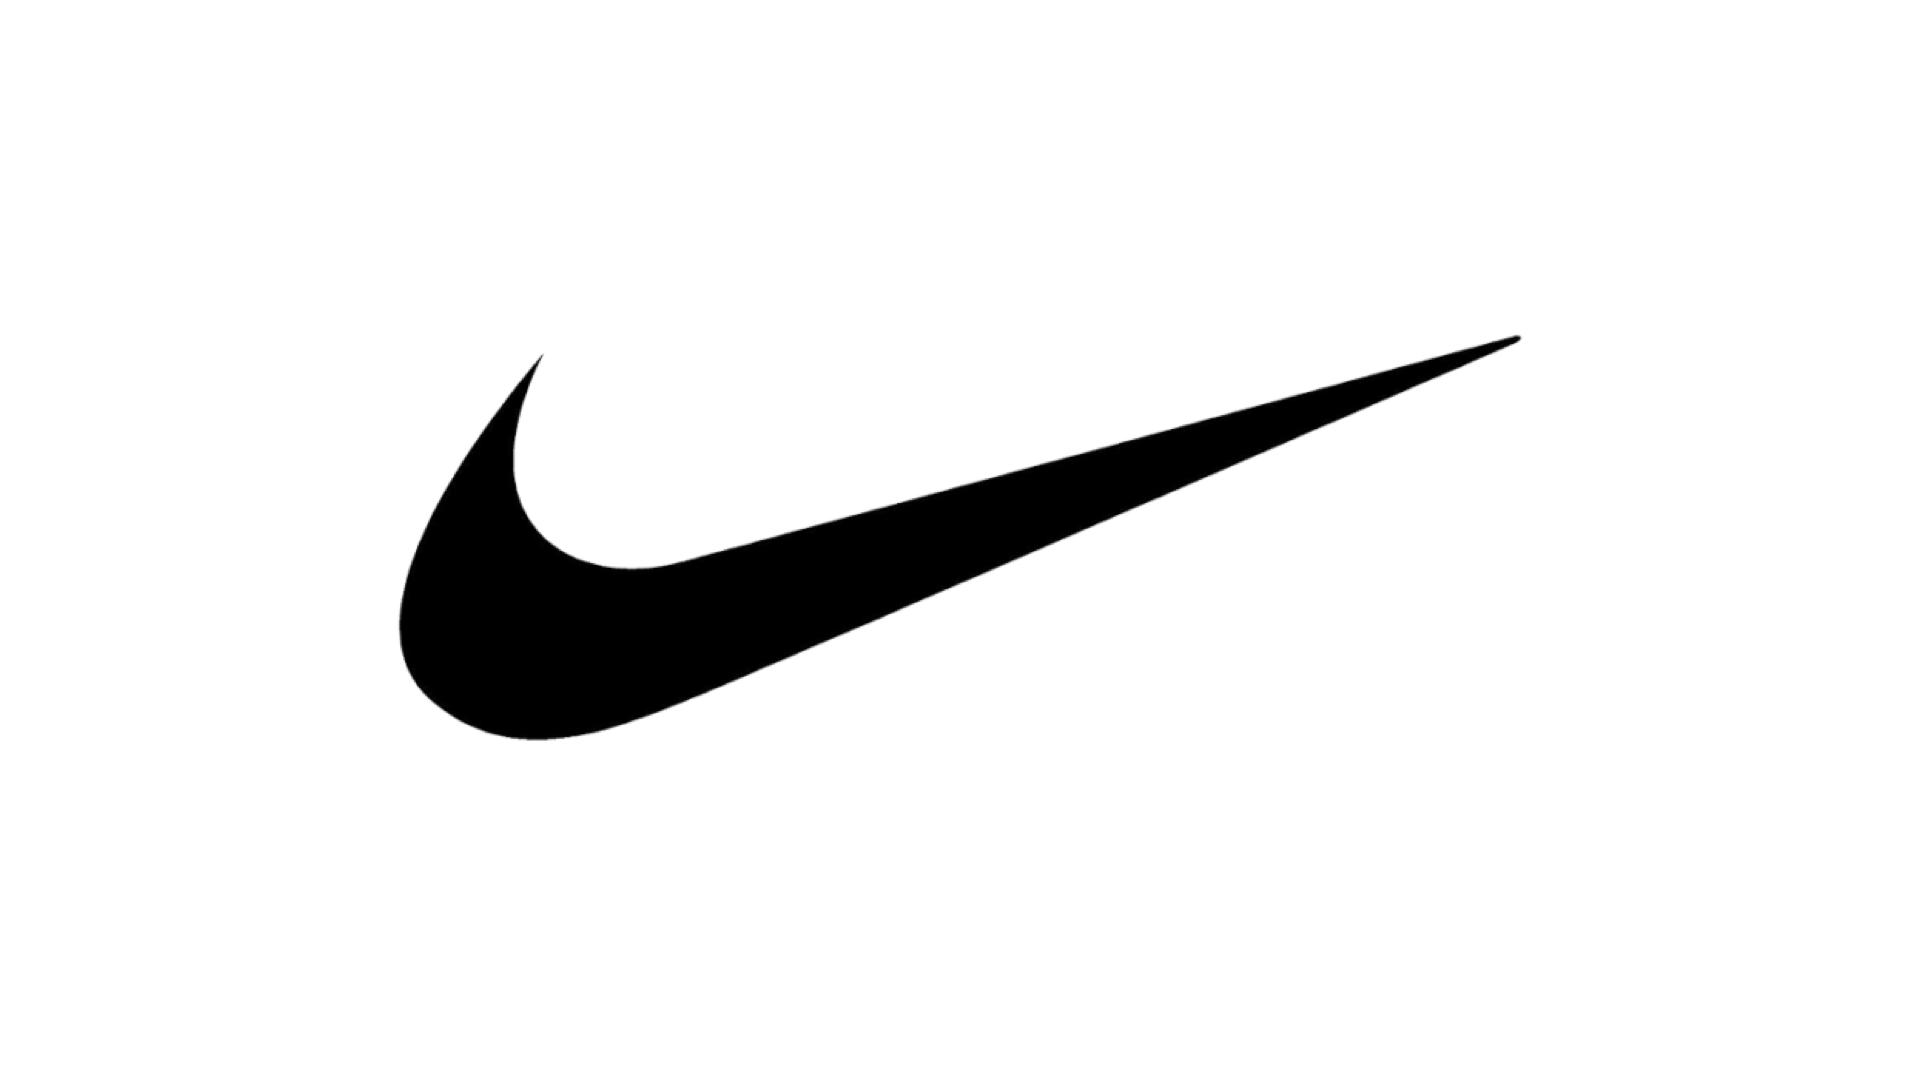 logos.web.009.png